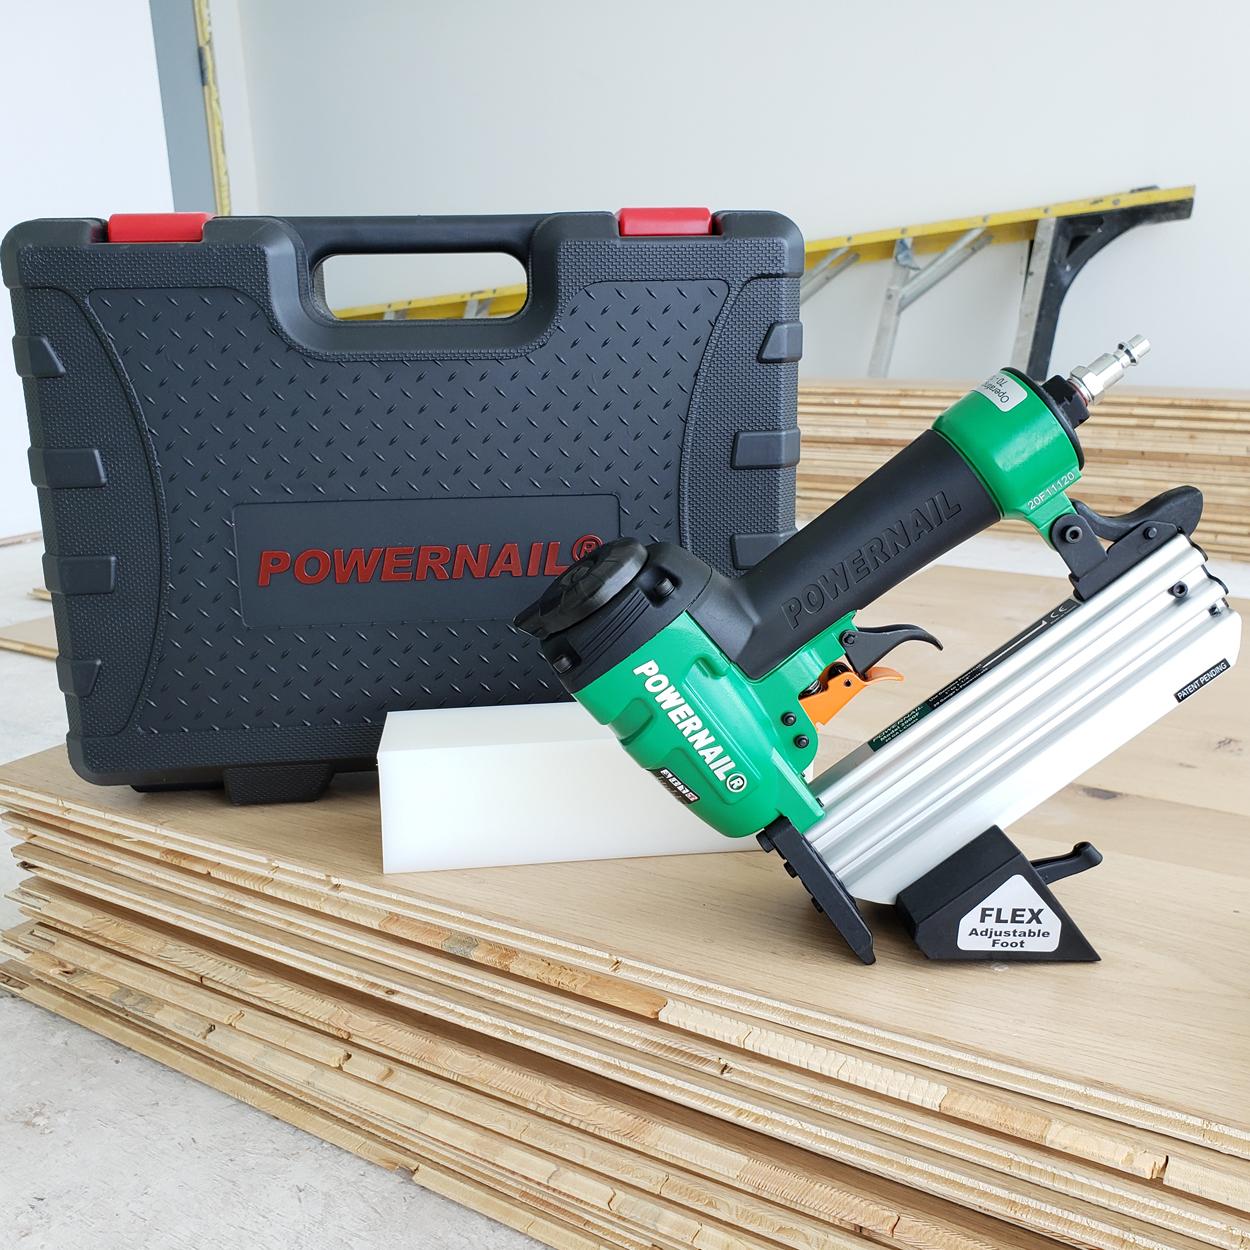 Powernail Model 2000F 20-gauge flooring nailer - engineered flooring